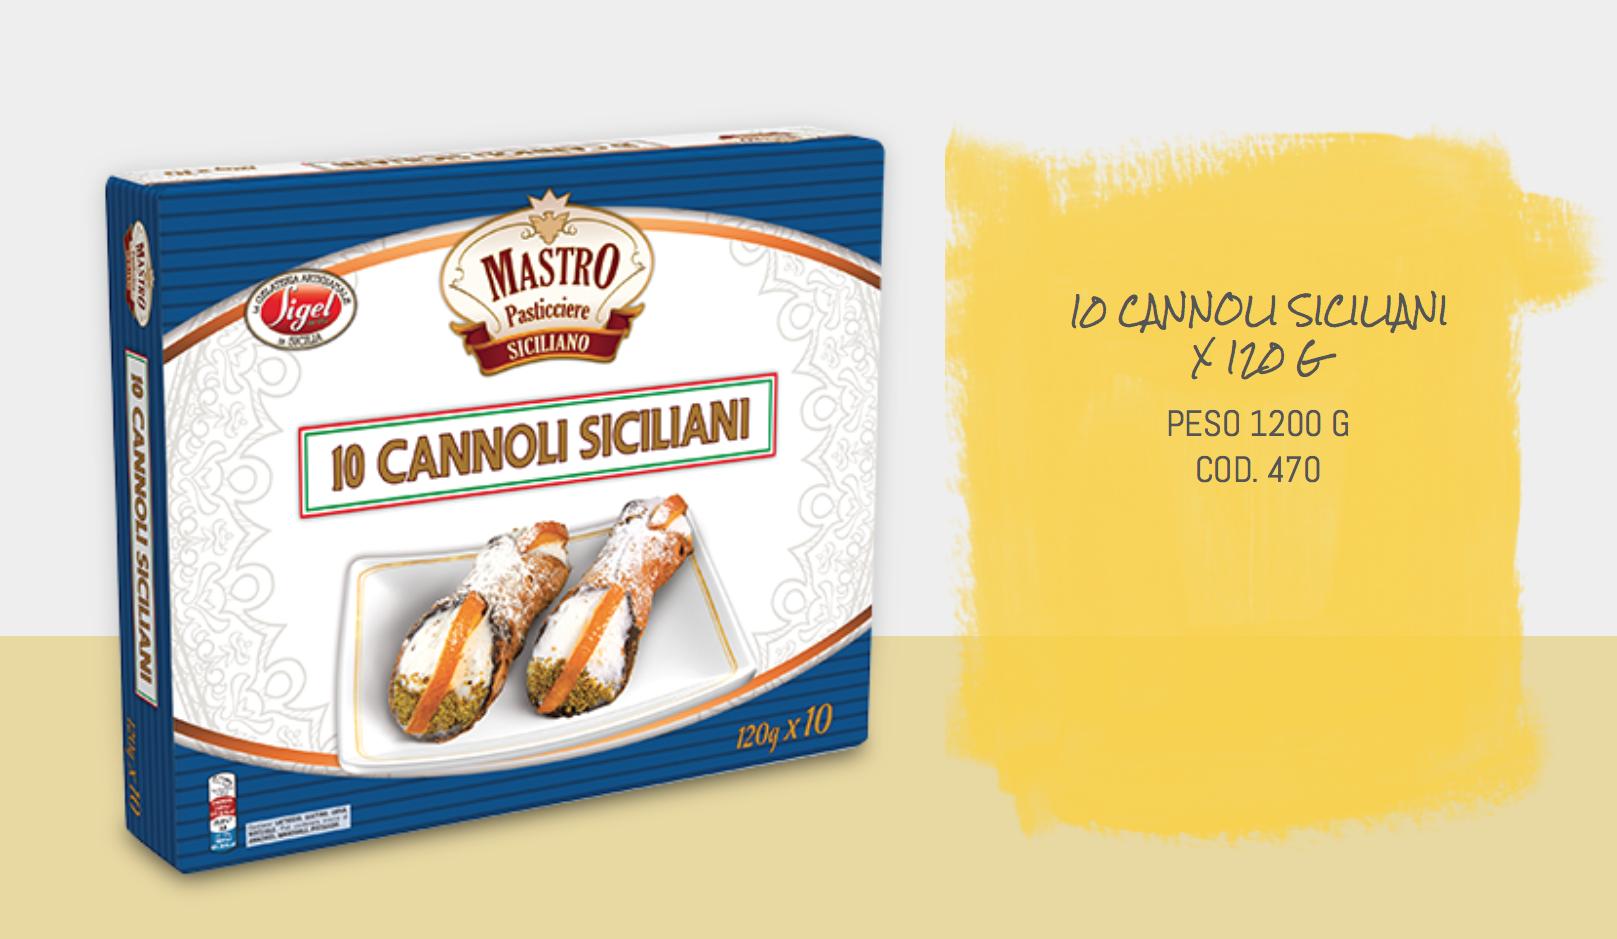 10 Cannoli Siciliani